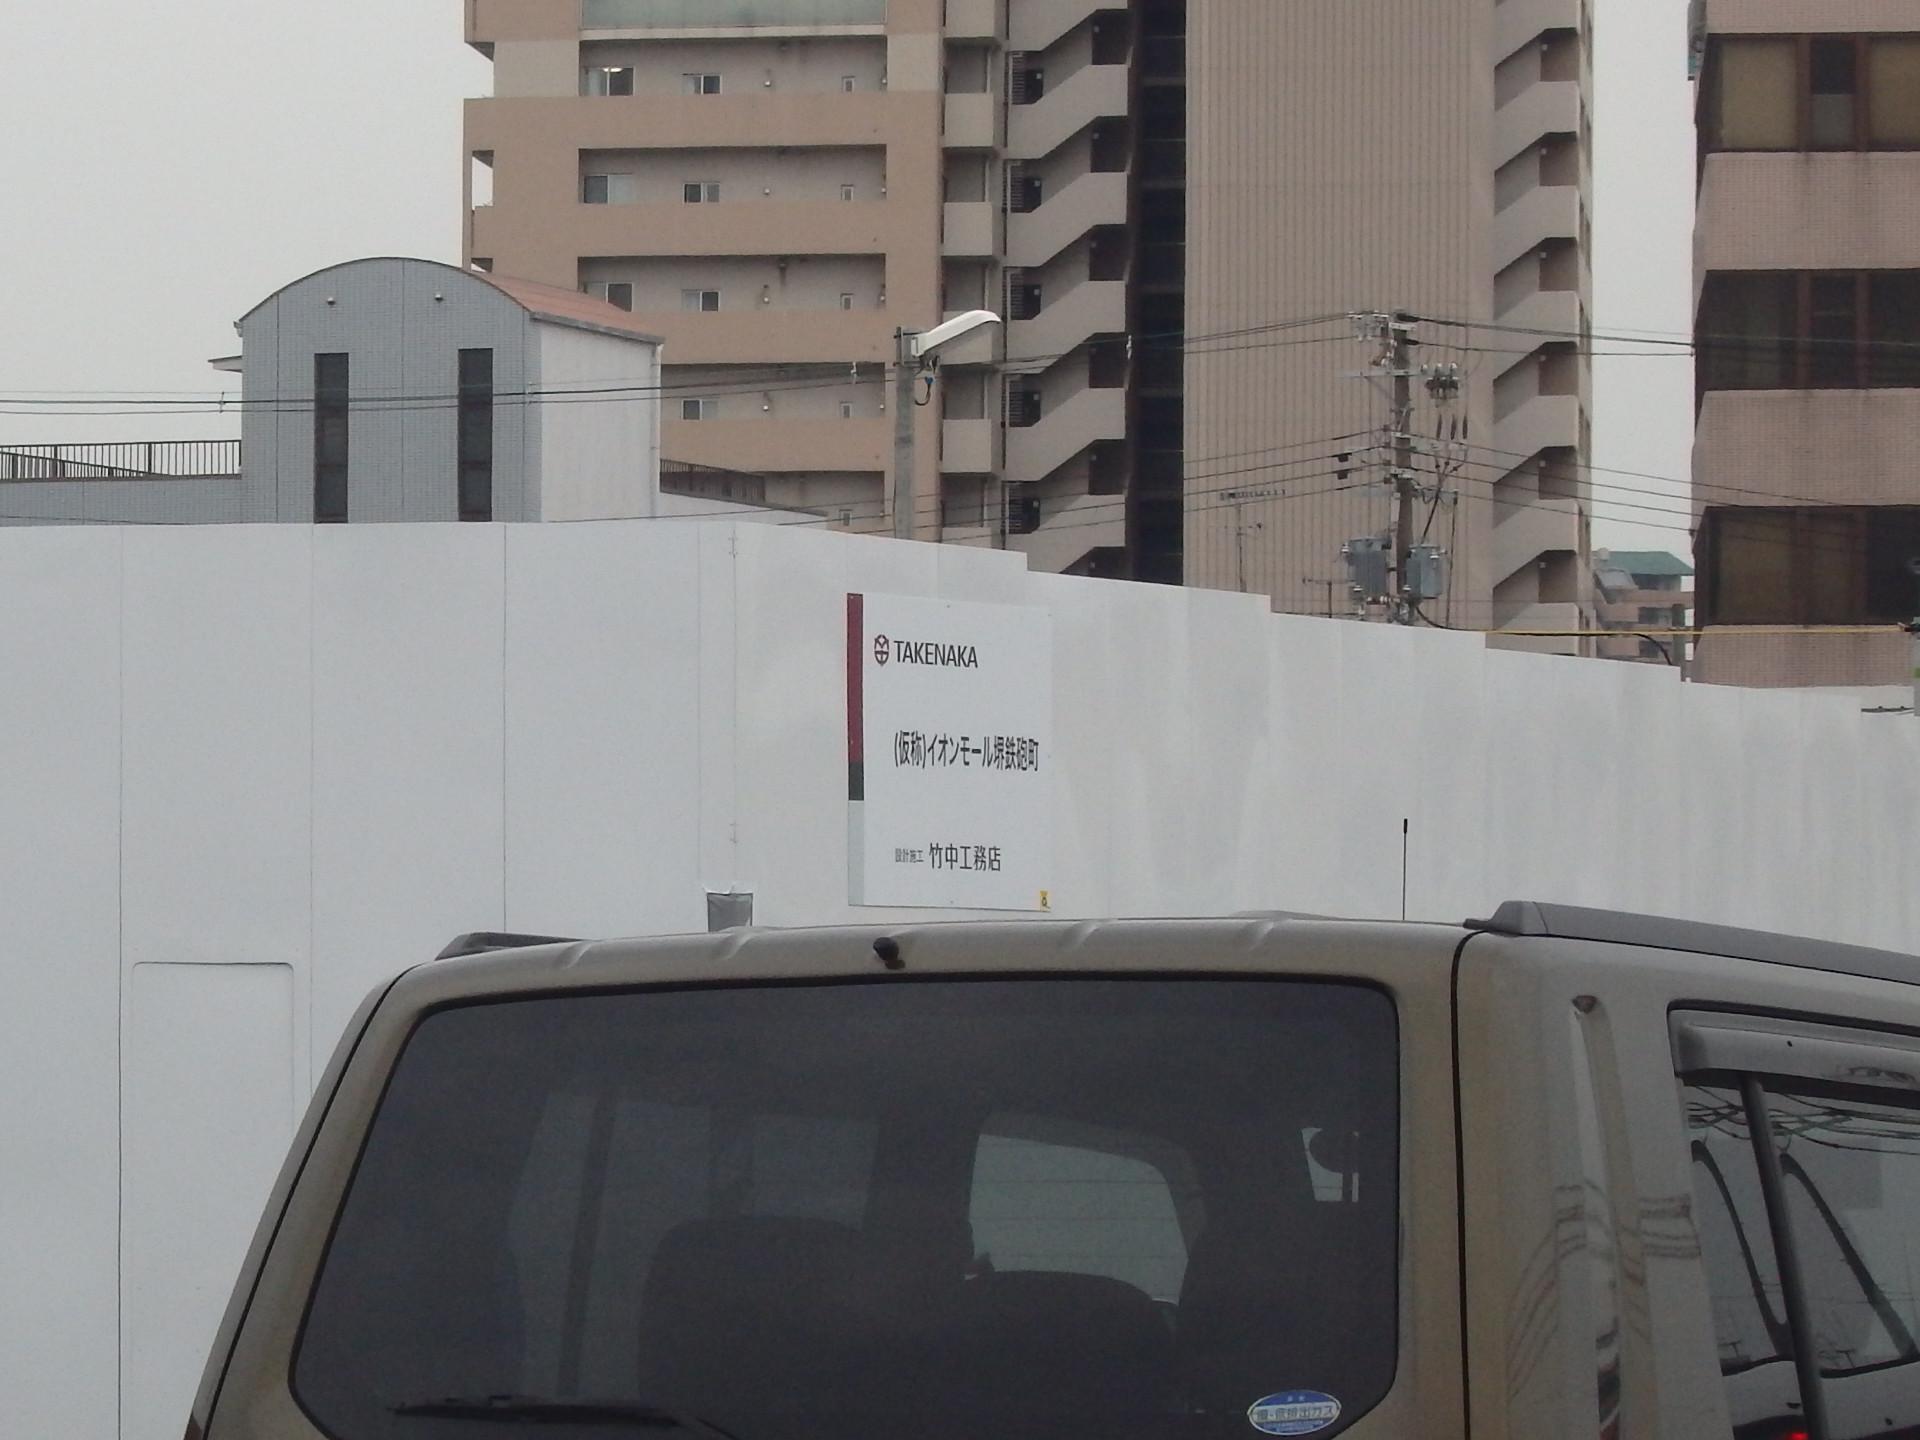 イオンモール堺鉄砲町(仮称)工事現場。